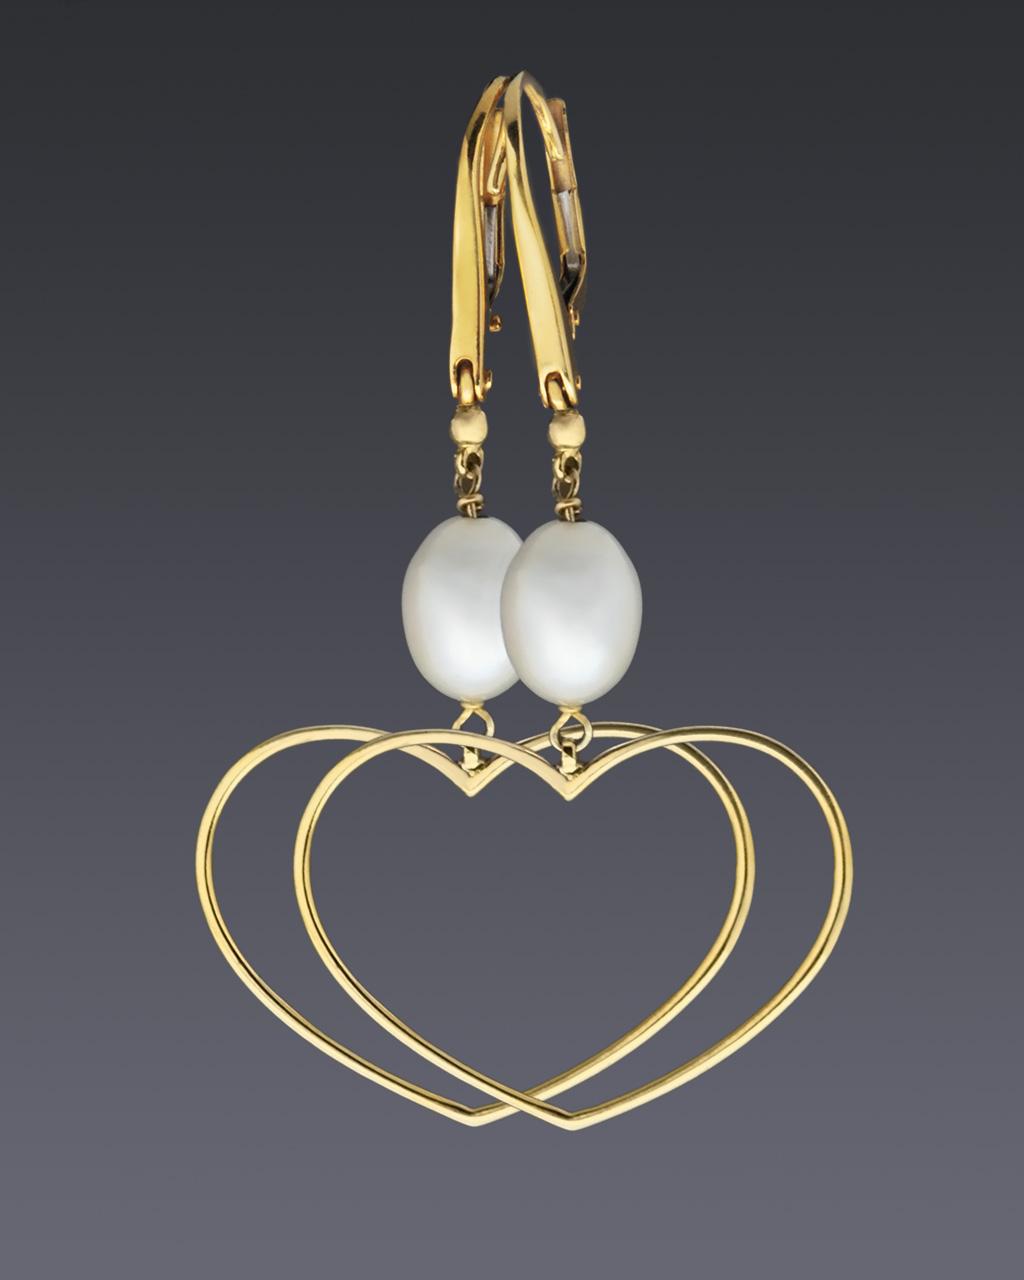 Κρεμαστά σκουλαρίκια καρδιές χρυσά Κ14 με Μαργαριτάρια   γυναικα σκουλαρίκια σκουλαρίκια χρυσά